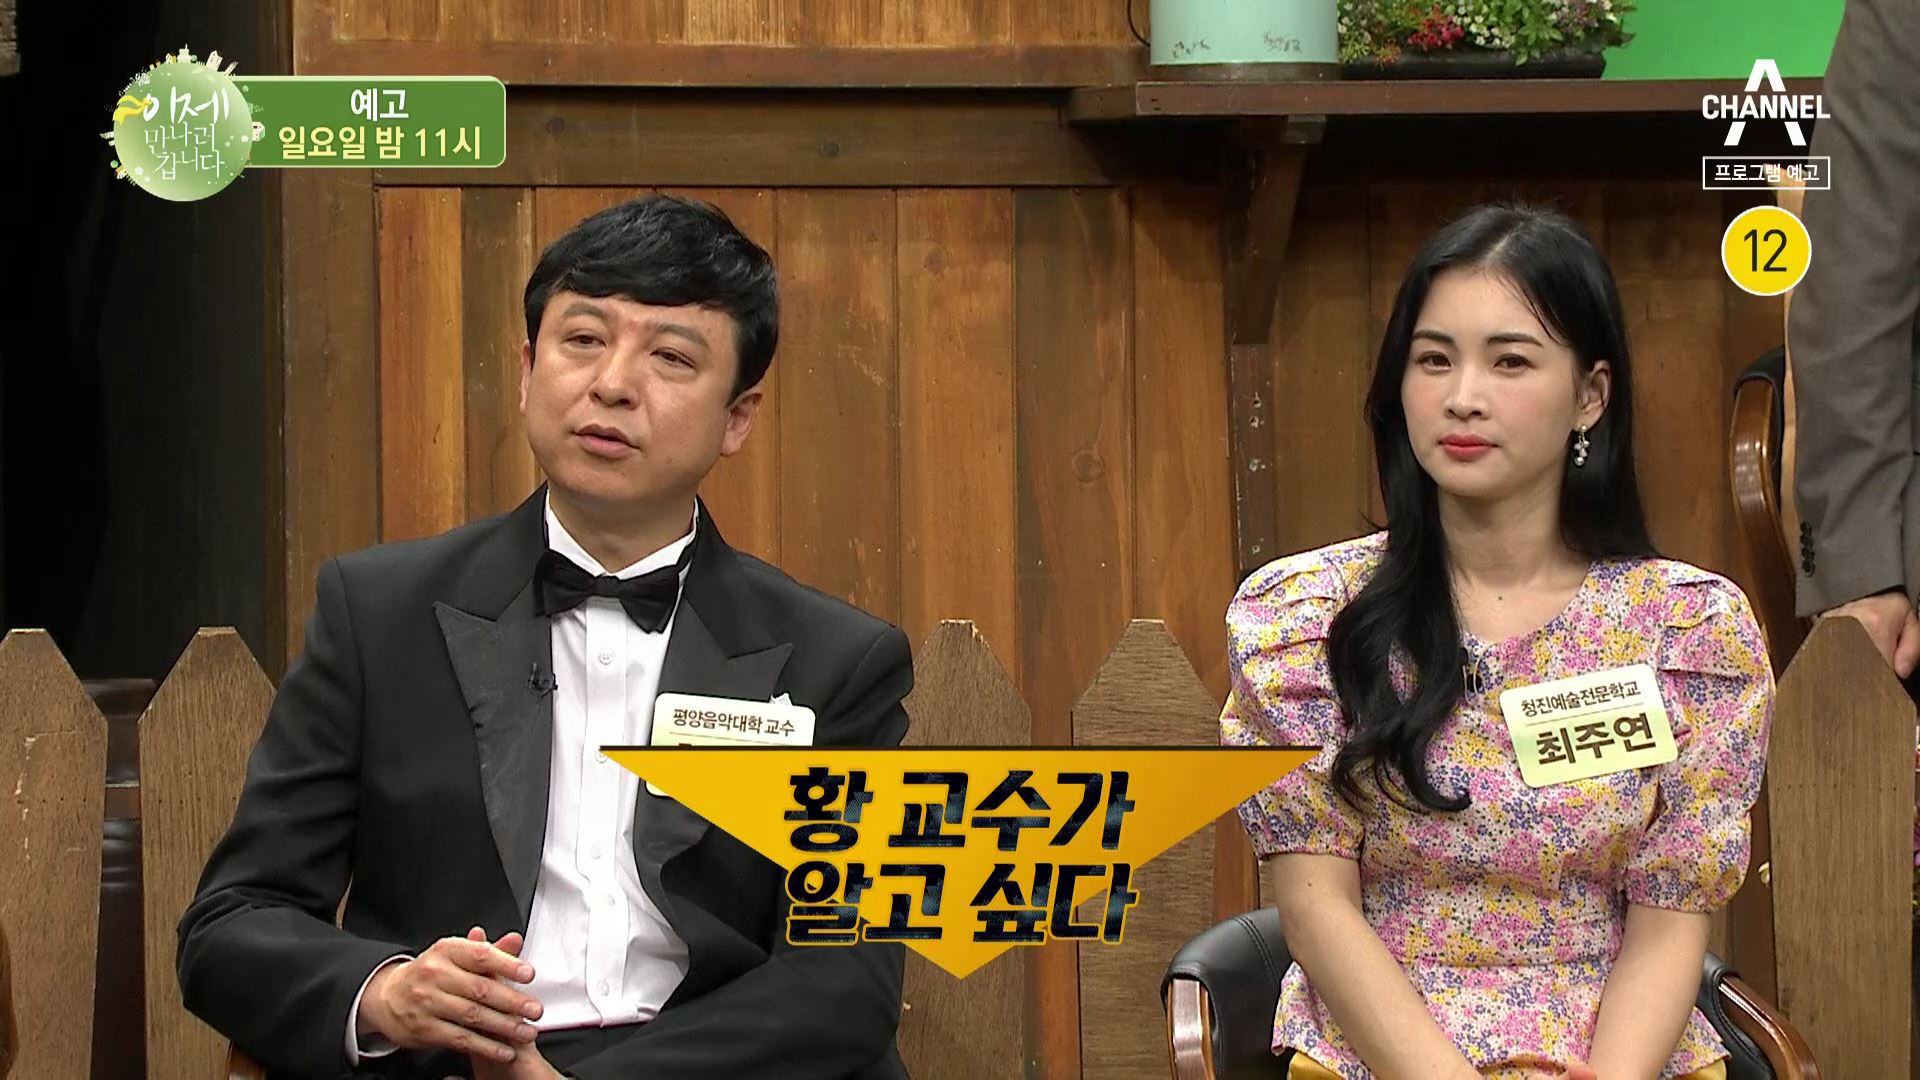 [예고] 최초공개! 북한 피아니스트 황 교수 실종사건 이미지